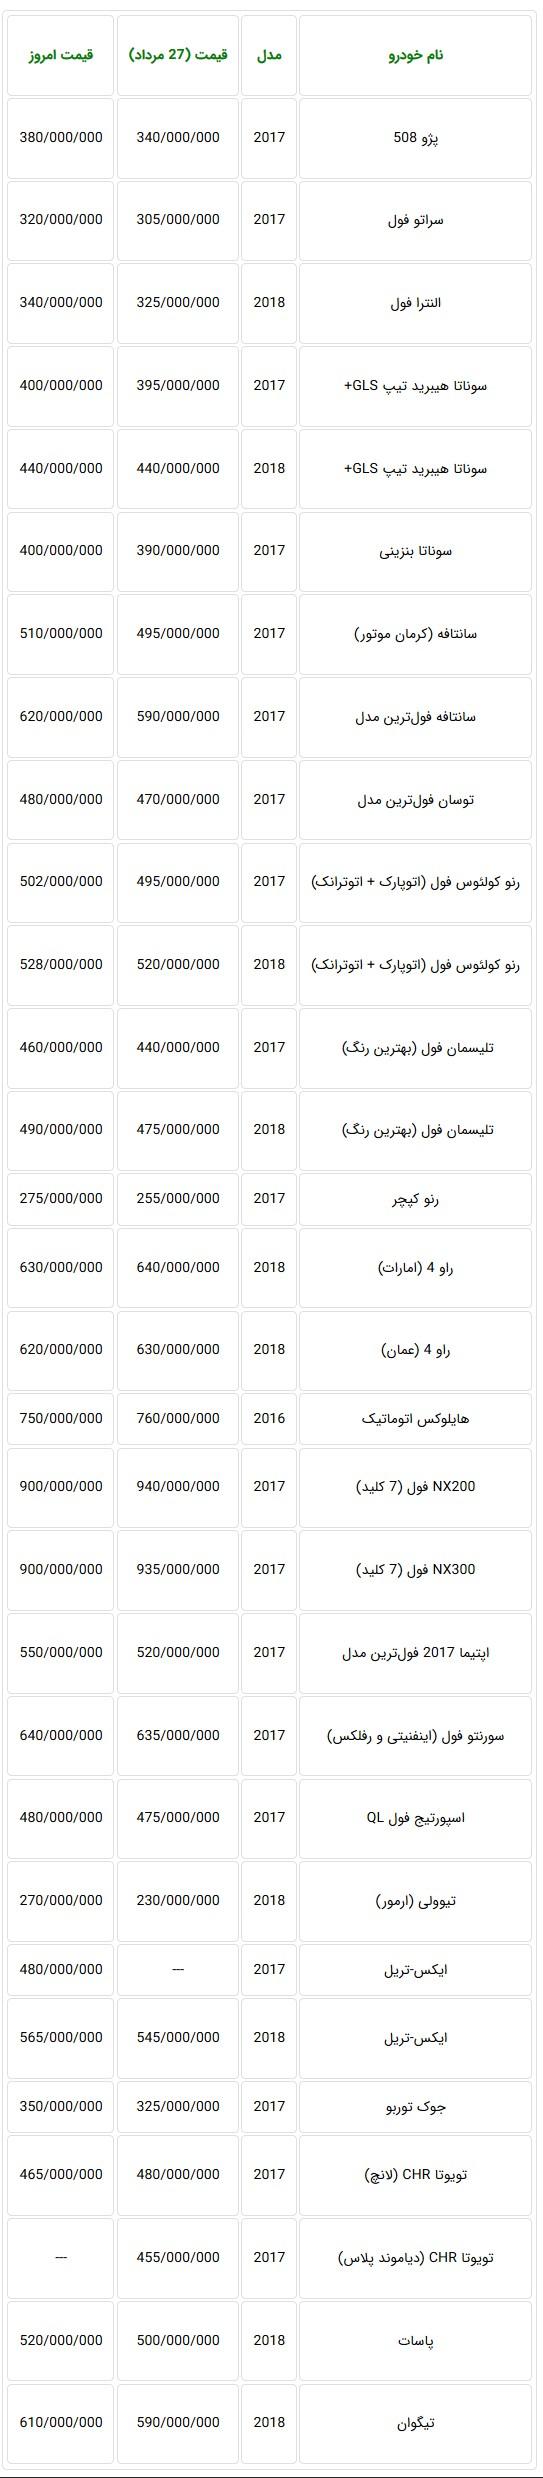 قیمت روز خودروهای وارداتی در بازار تهران اعلام شد + جدول